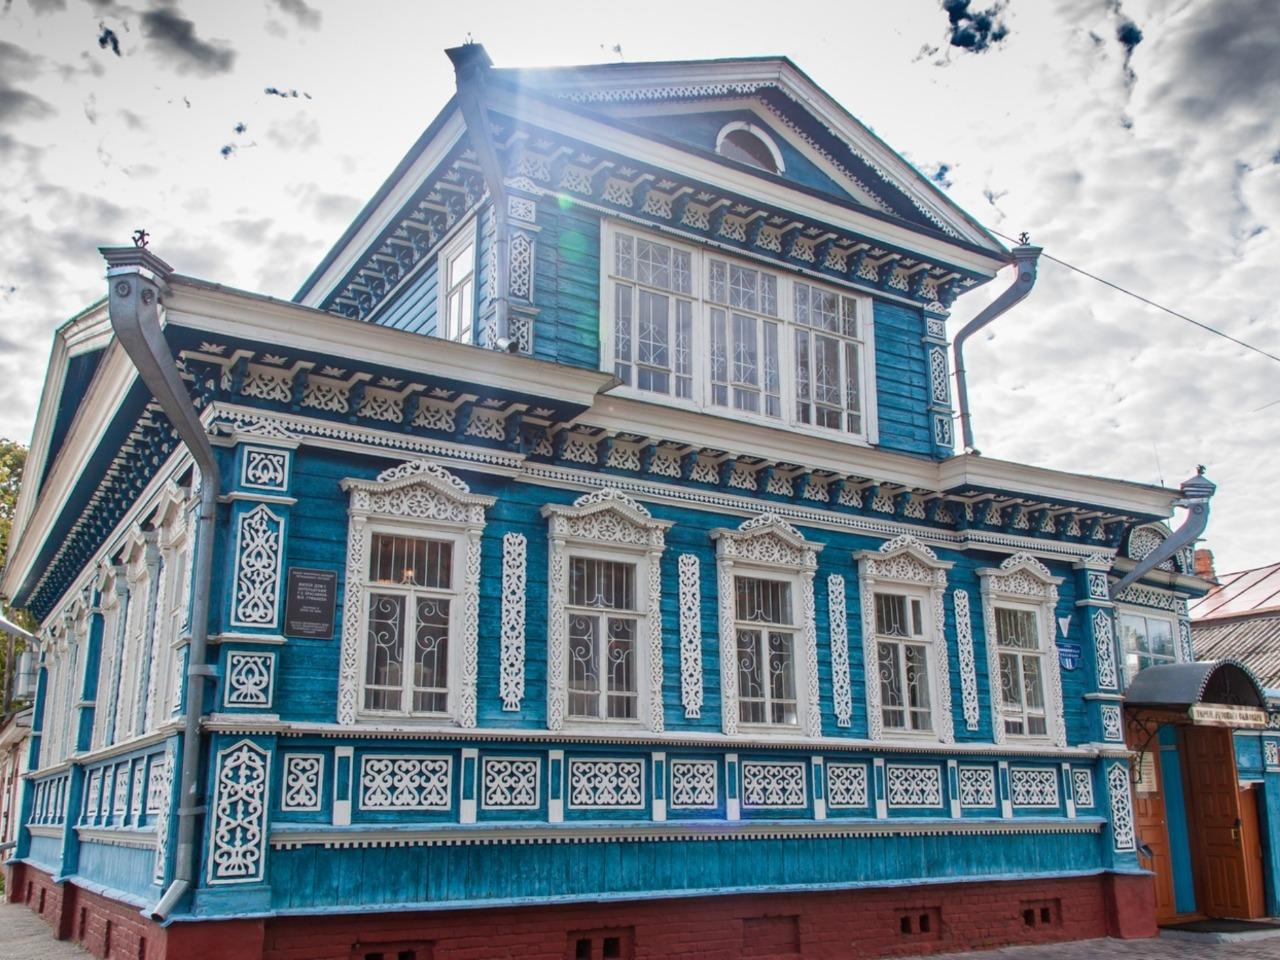 Городец - групповая экскурсия по Нижнему Новгороду от опытного гида